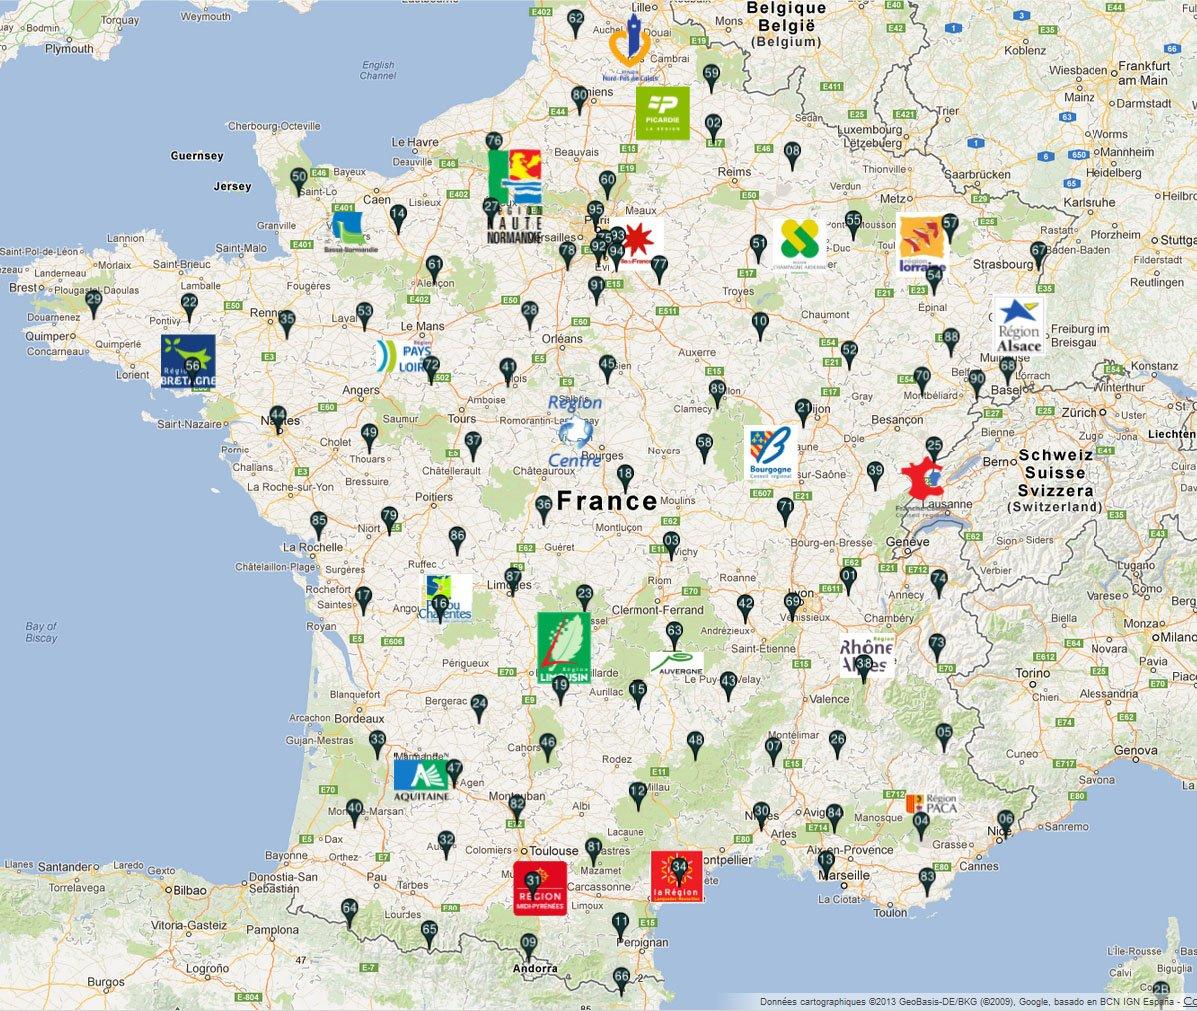 carte des chateaux de france Marielle J.PdeG on Twitter: